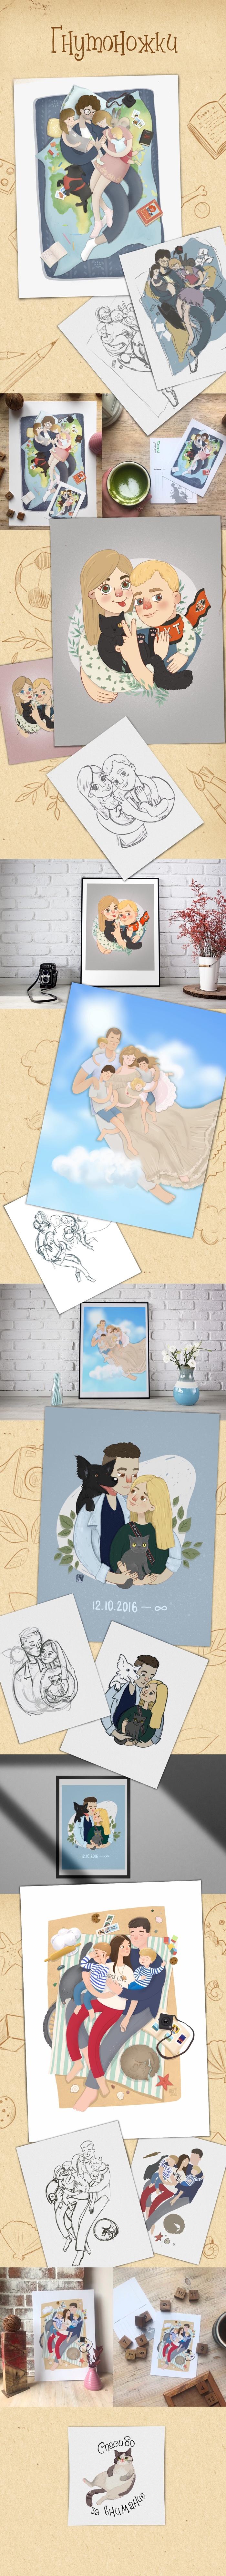 Гнутоножки Рисунок, Цифровой рисунок, Семья, Портрет, Любовь, Пара, Длиннопост, Стилизация, Кот